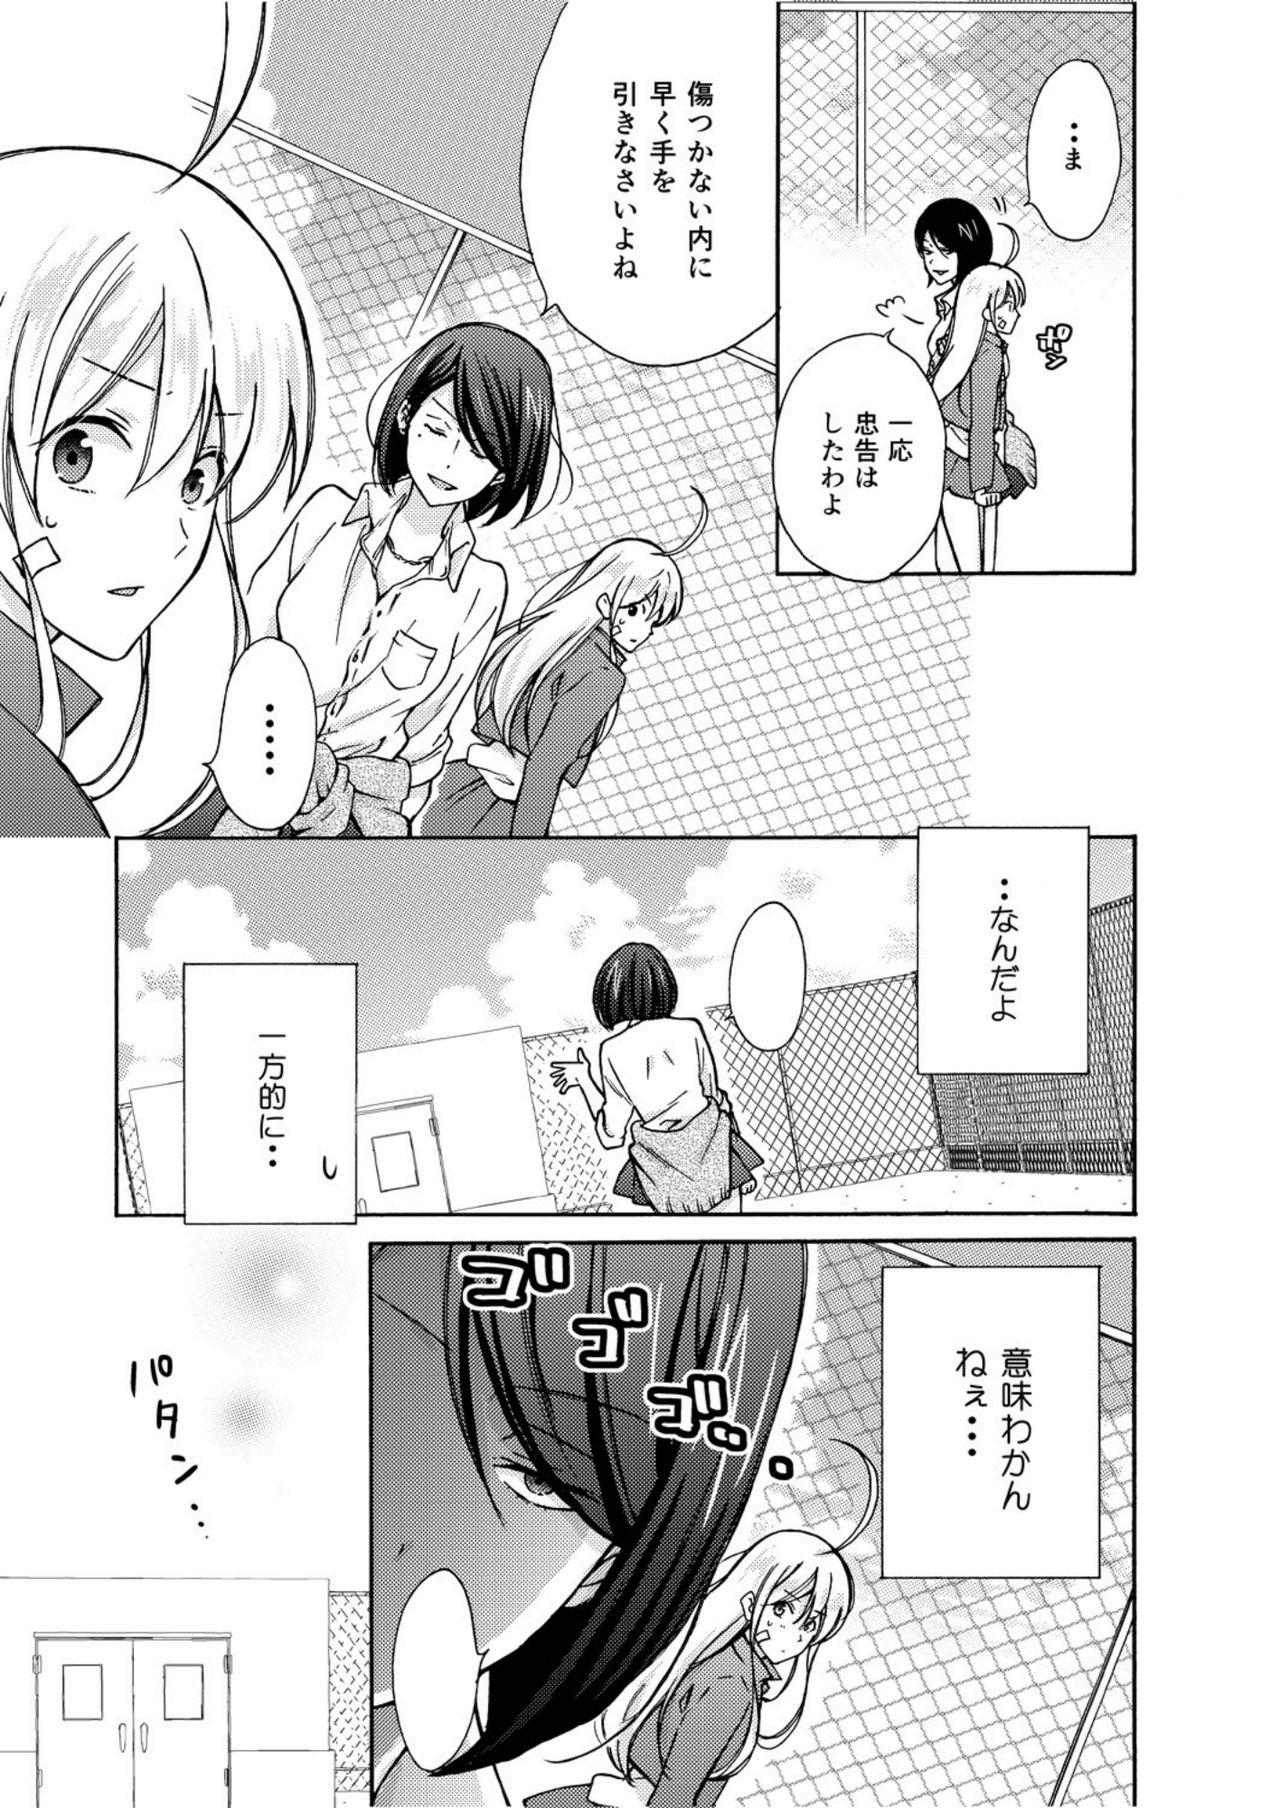 Nyotaika Yankee Gakuen ☆ Ore no Hajimete, Nerawaretemasu. 5 11